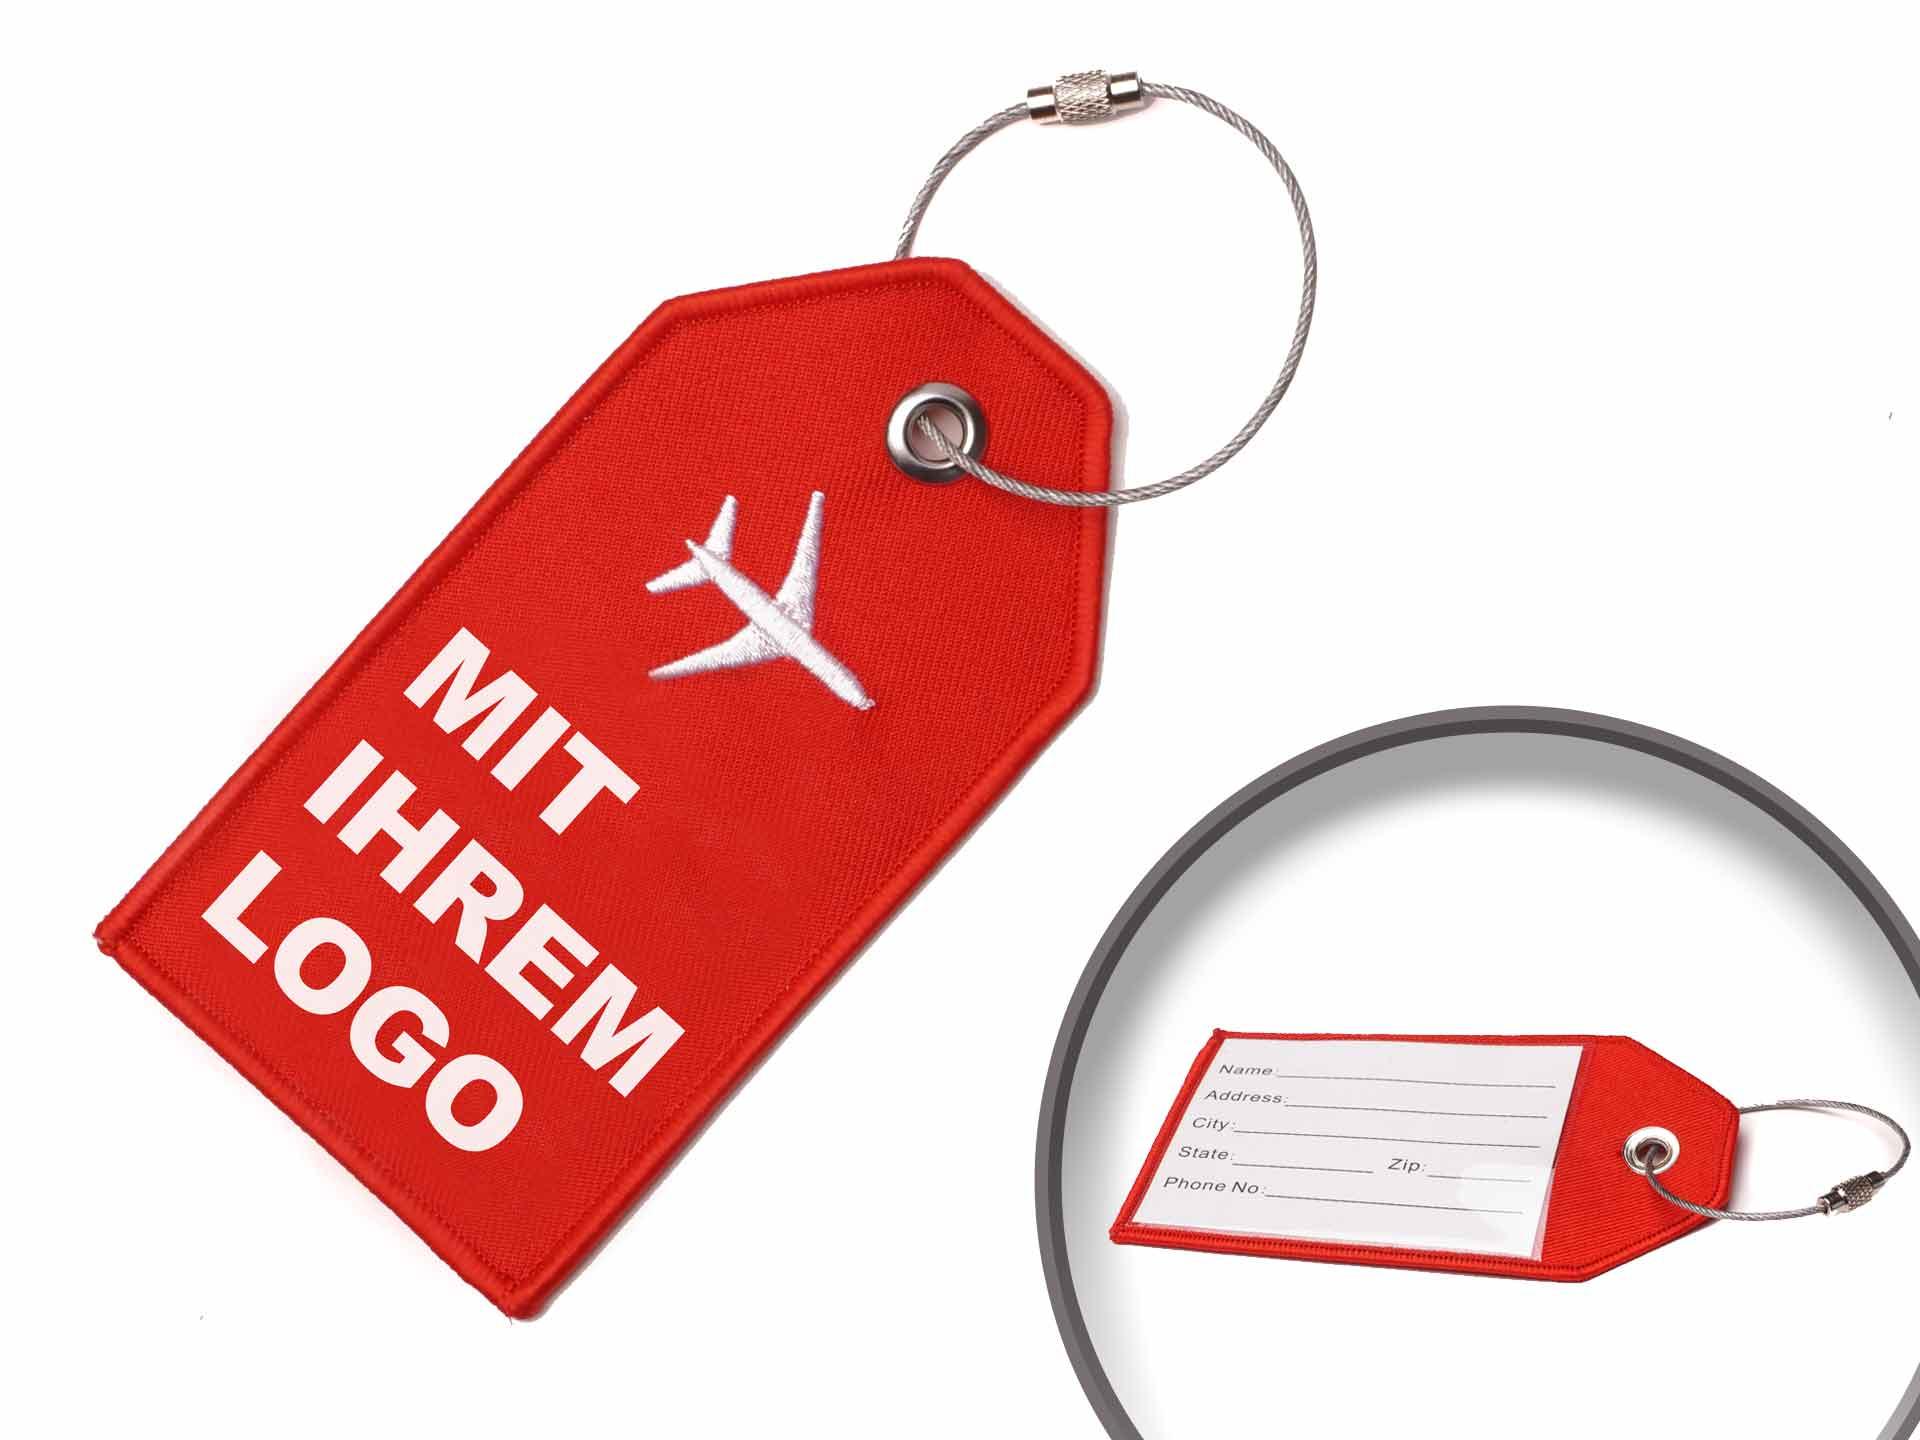 Gestickter Kofferanhänger mit Ihrem Logo und Rueckseite